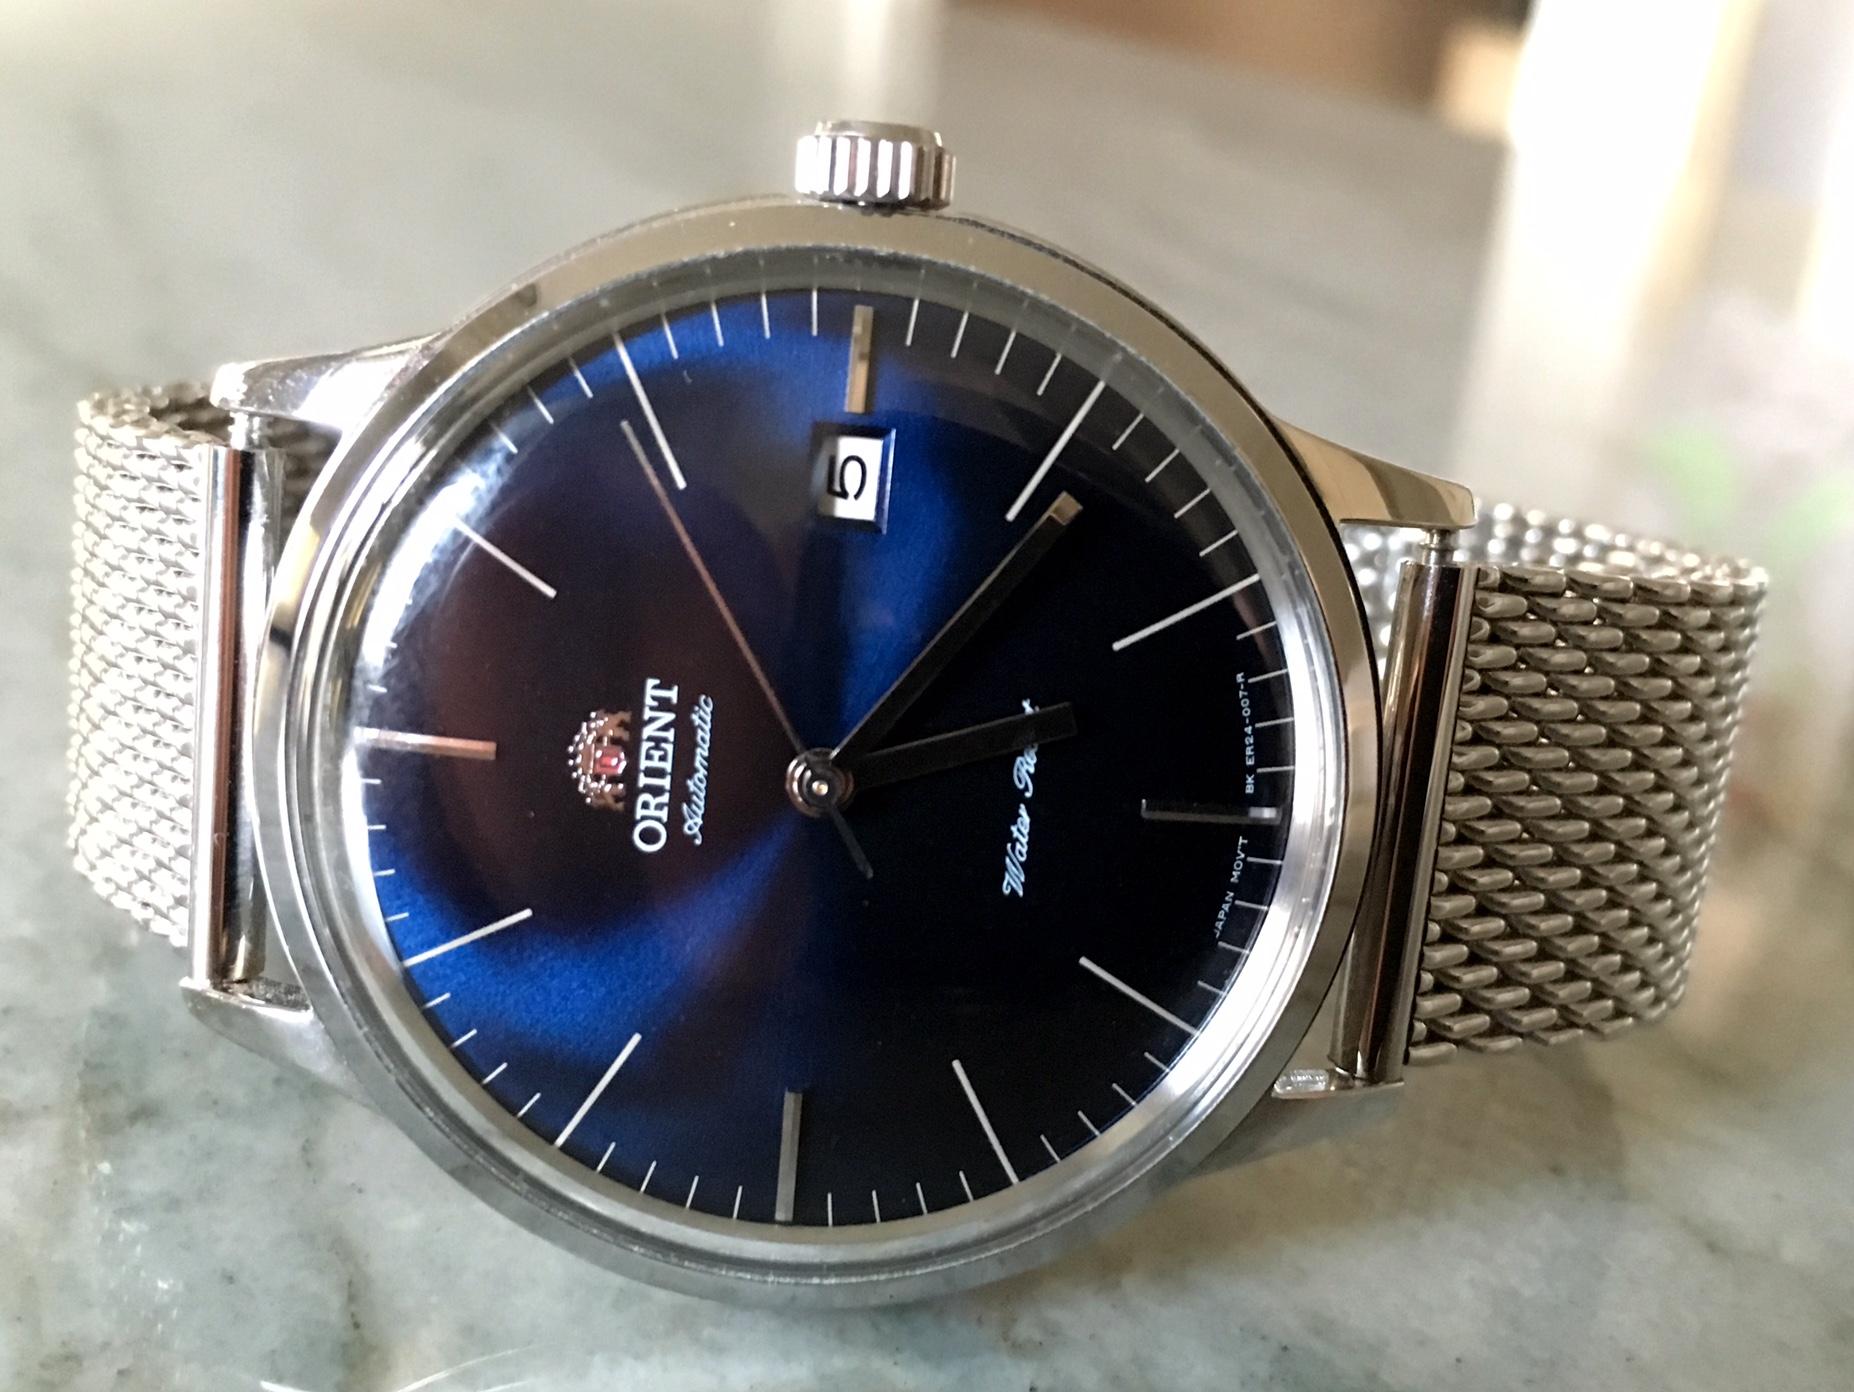 Breguet Orient Watch Blue Mesh FactoryTwoFour